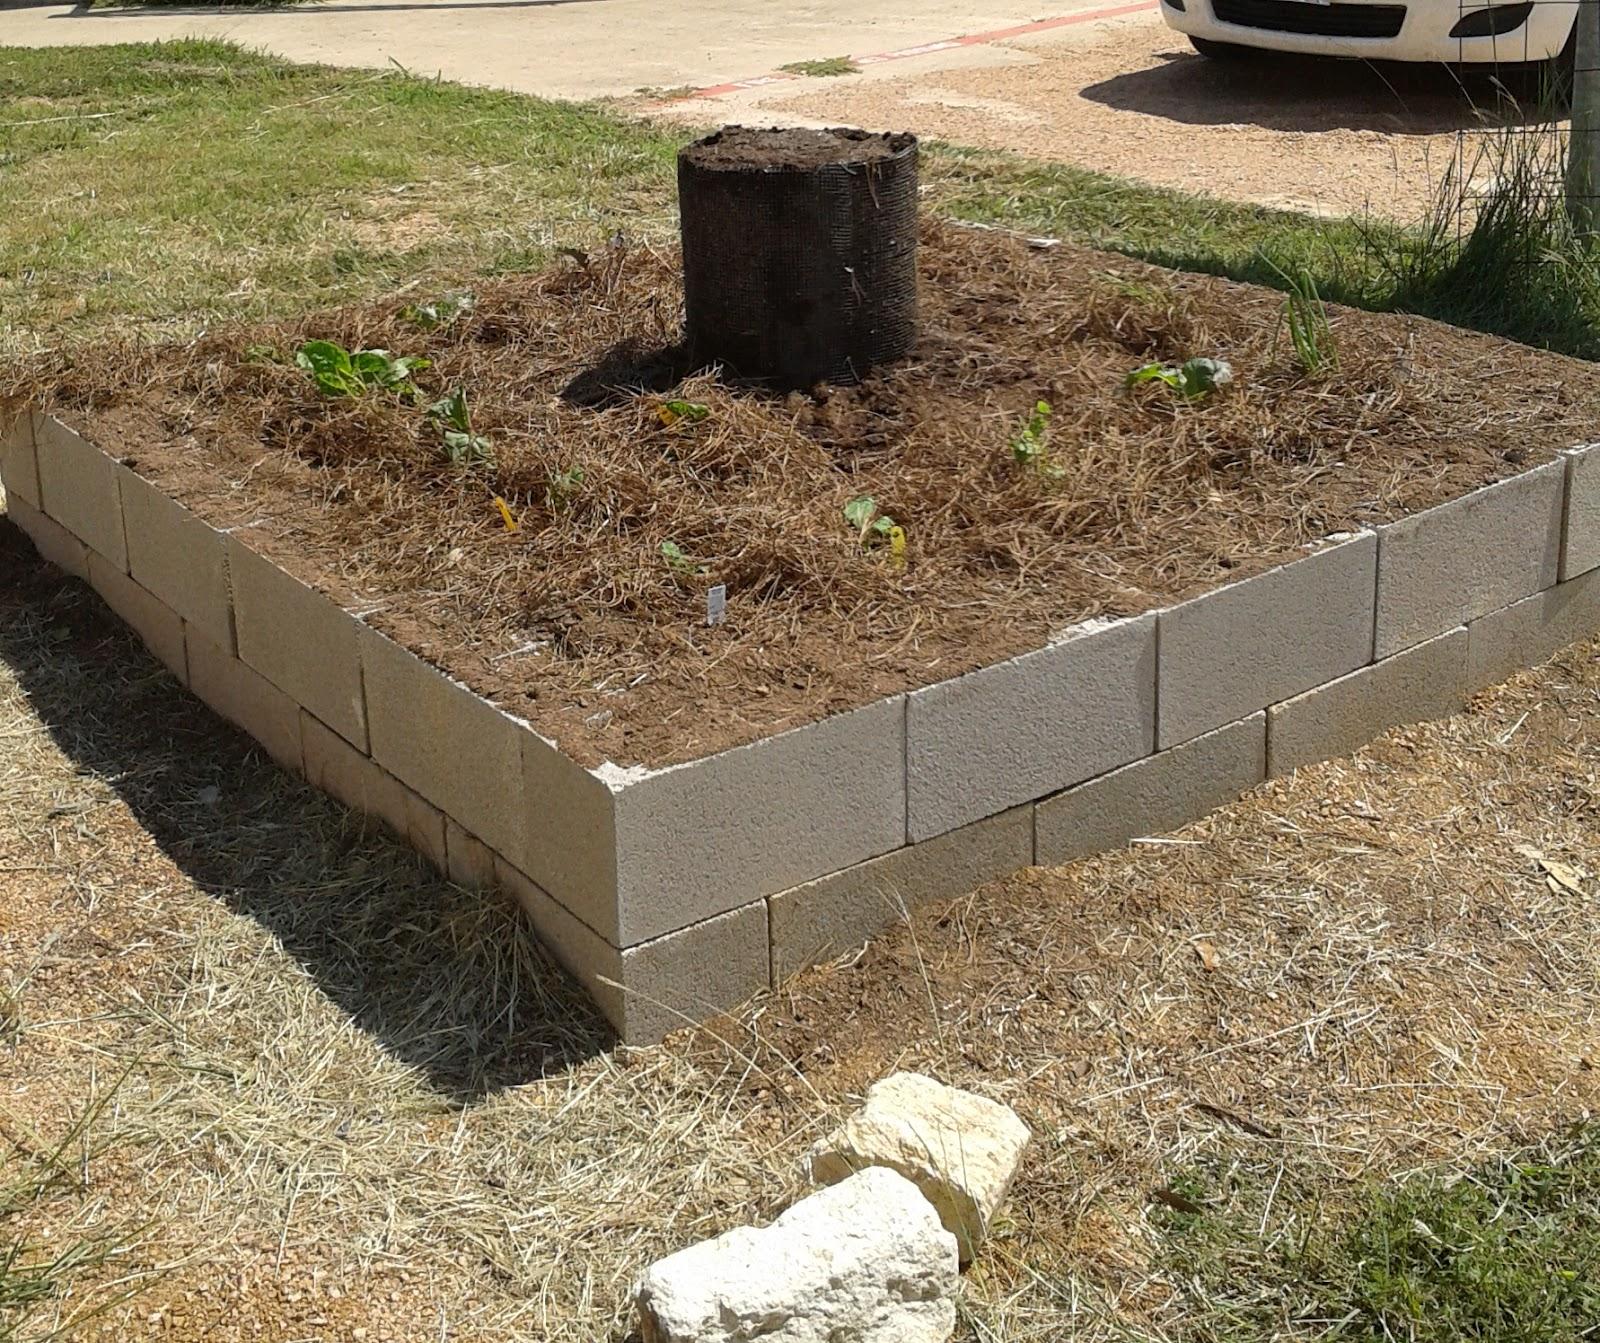 organicgreendoctor: garden items